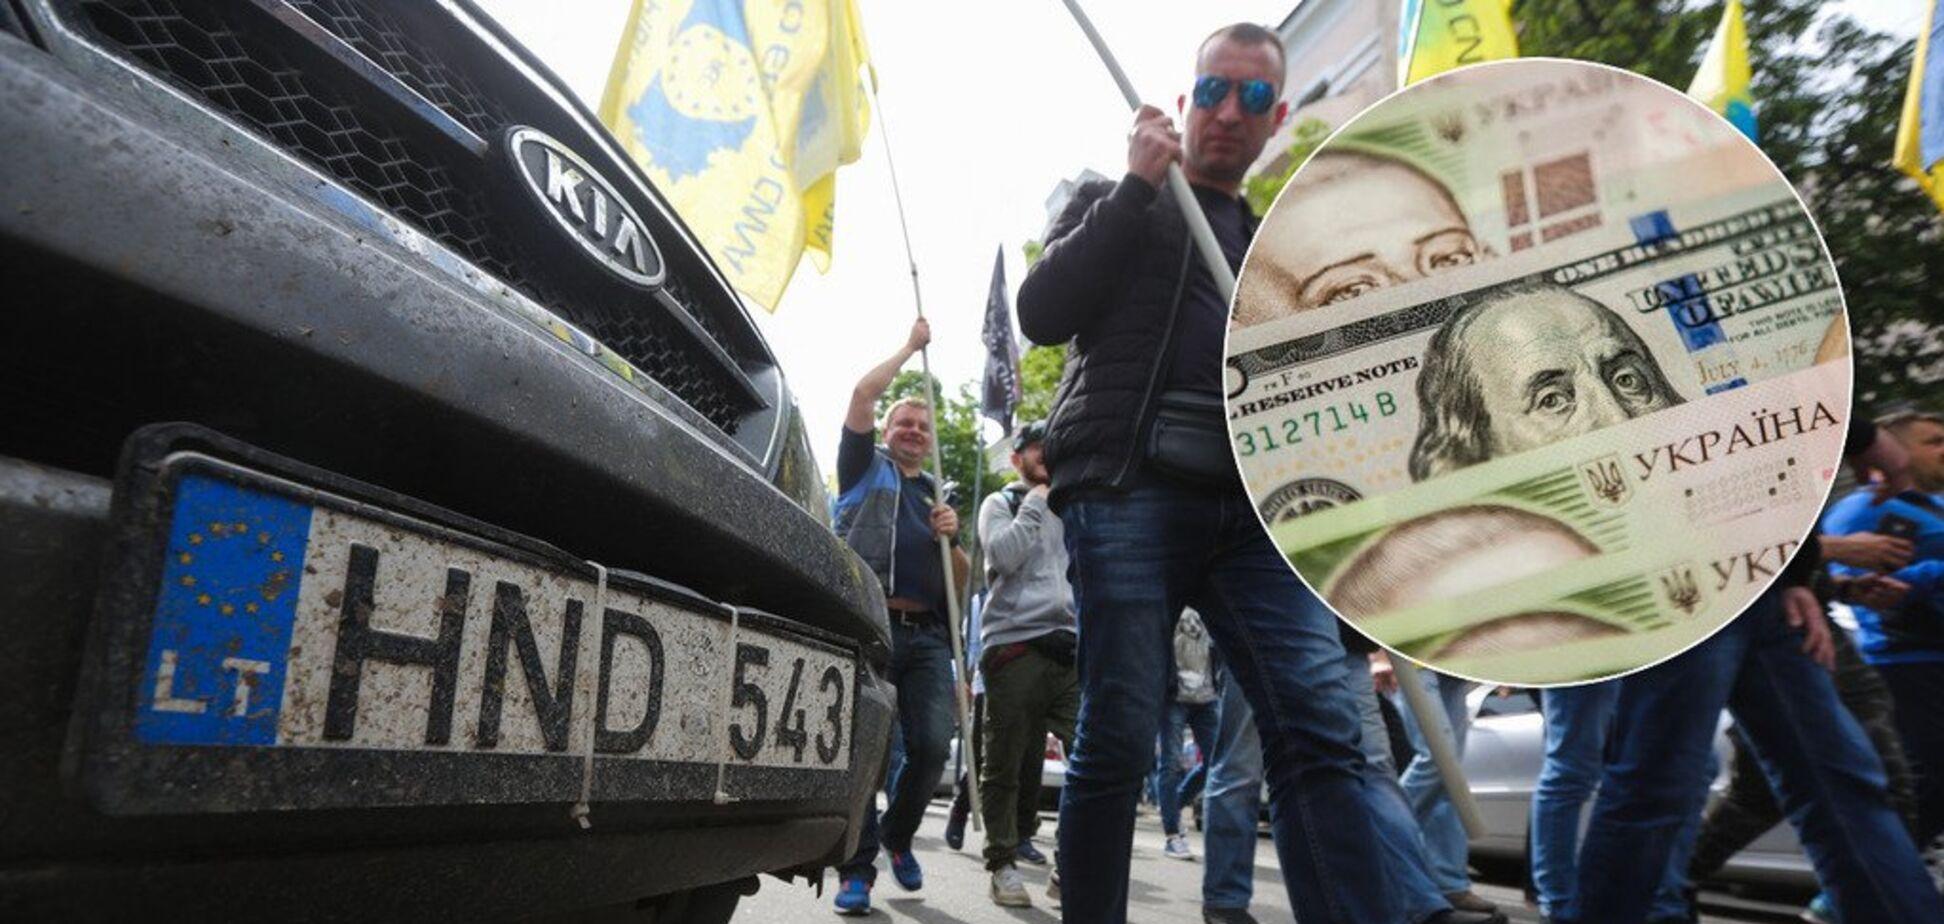 Новые правила для 'евроблях': как в 'Слуге народа' хотят решить проблему с растаможкой